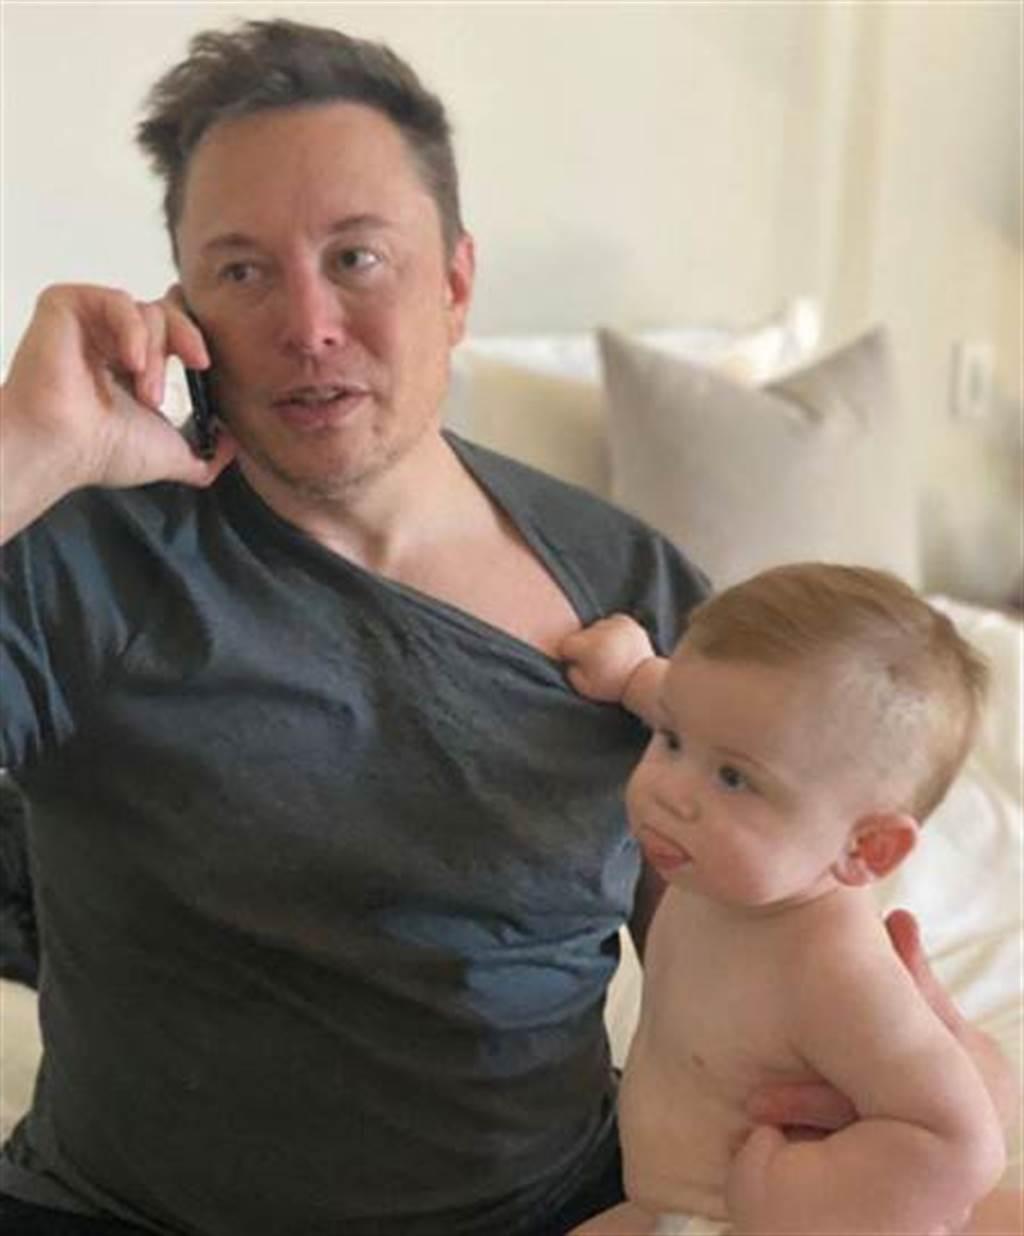 特斯拉執行長馬斯克年初曬出與兒子合照。(翻攝Elon Musk推特)